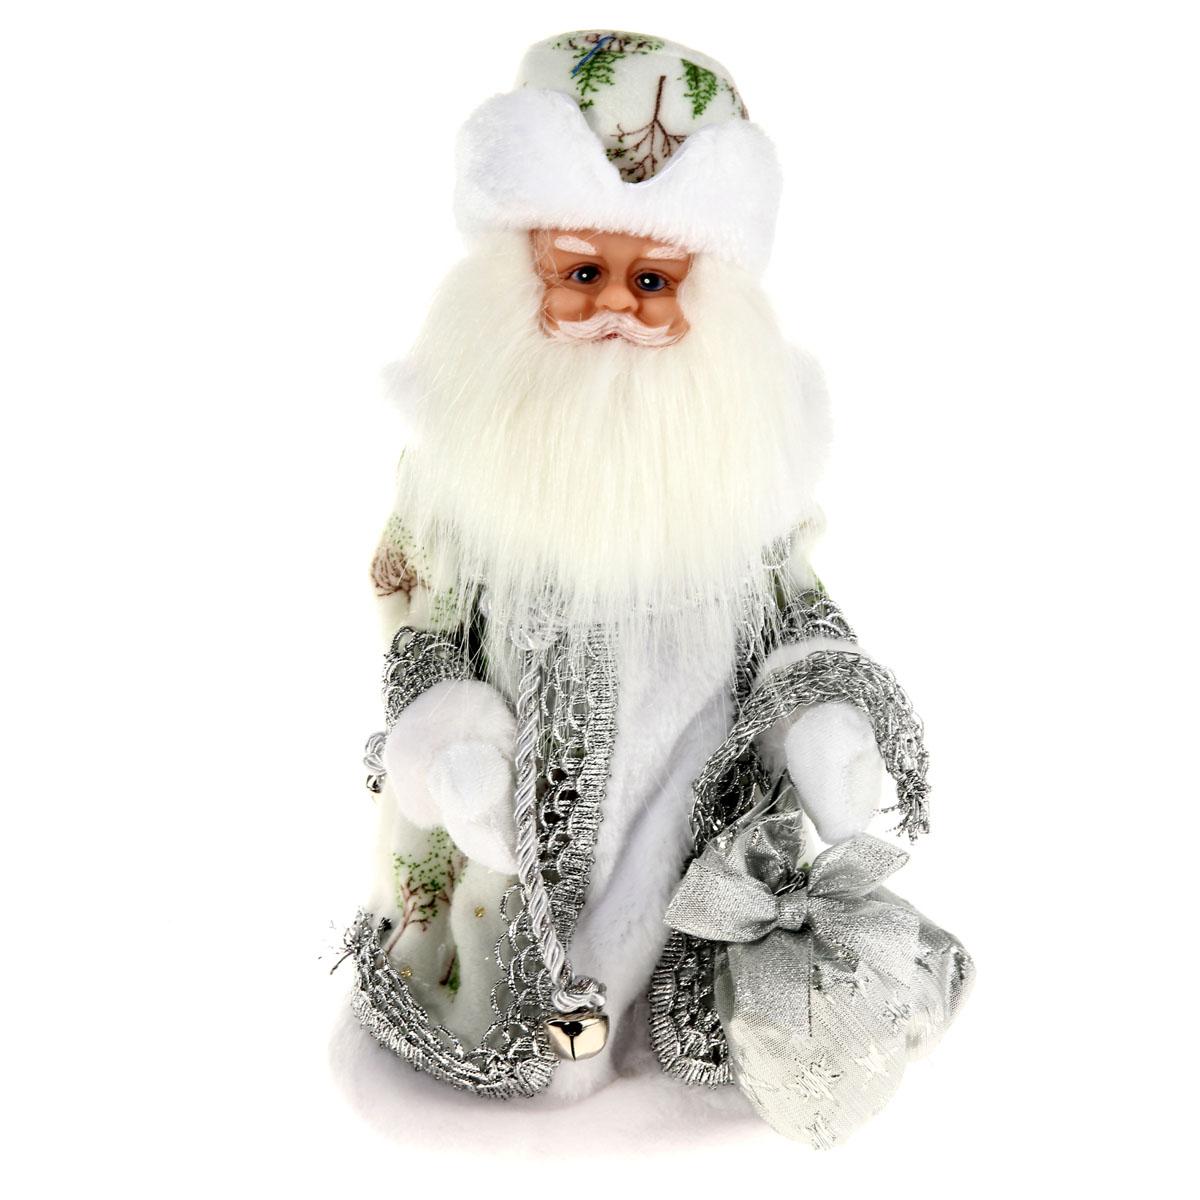 Новогодняя декоративная фигурка Sima-land Дед Мороз, анимированная, высота 28 см. 827841827841Новогодняя декоративная фигурка выполнена из высококачественного пластика в виде Деда Мороза. Дед Мороз одет в шубу с опушкой, украшенную тесьмой и блестками. На голове шапка в цвет шубы. В руке Дед Мороз держит мешок с подарками. Фигурка стоит на подставке. Особенностью фигурки является наличие механизма, при включении которого играет мелодия, а голова и руки куклы начинают двигаться. Его добрый вид и очаровательная улыбка притягивают к себе восторженные взгляды. Декоративная фигурка Дед Мороз подойдет для оформления новогоднего интерьера и принесет с собой атмосферу радости и веселья. УВАЖАЕМЫЕ КЛИЕНТЫ! Обращаем ваше внимание на тот факт, что декоративная фигурка работает от трех батареек типа АА напряжением 1,5V. Батарейки в комплект не входят.